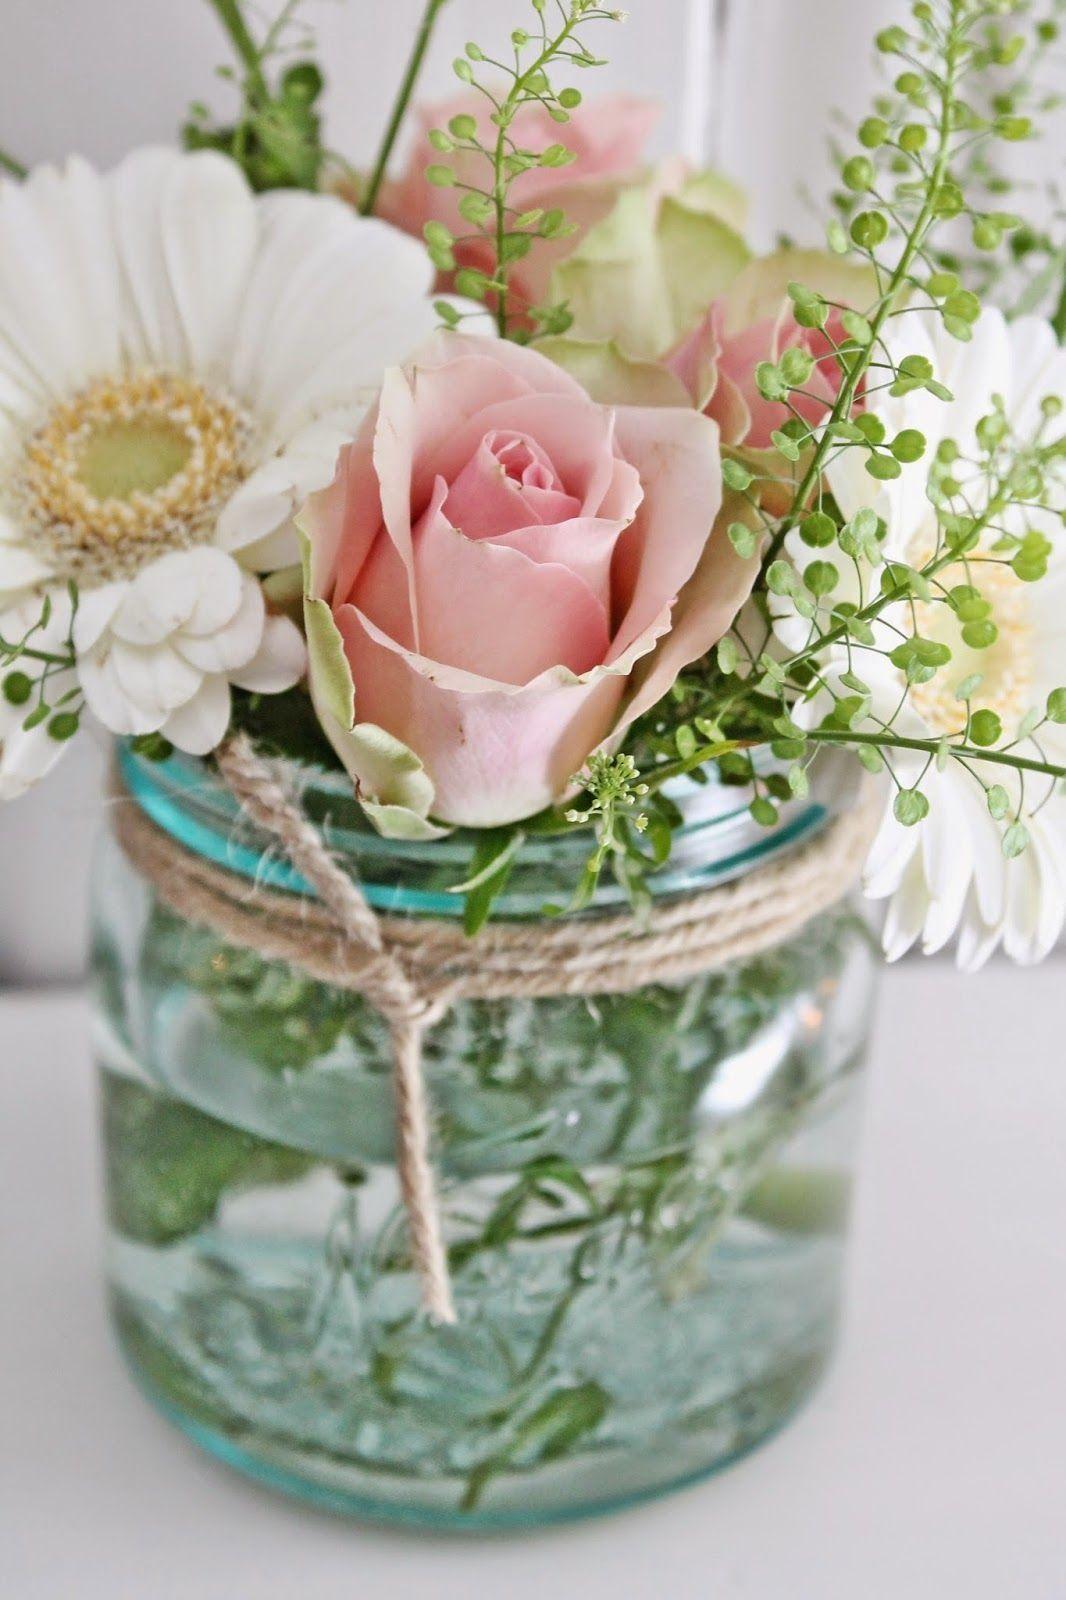 12 Luxus Weisse Blumen Hochzeit Blumen Juni Hochzeit Tischdeko Blumen Blumen